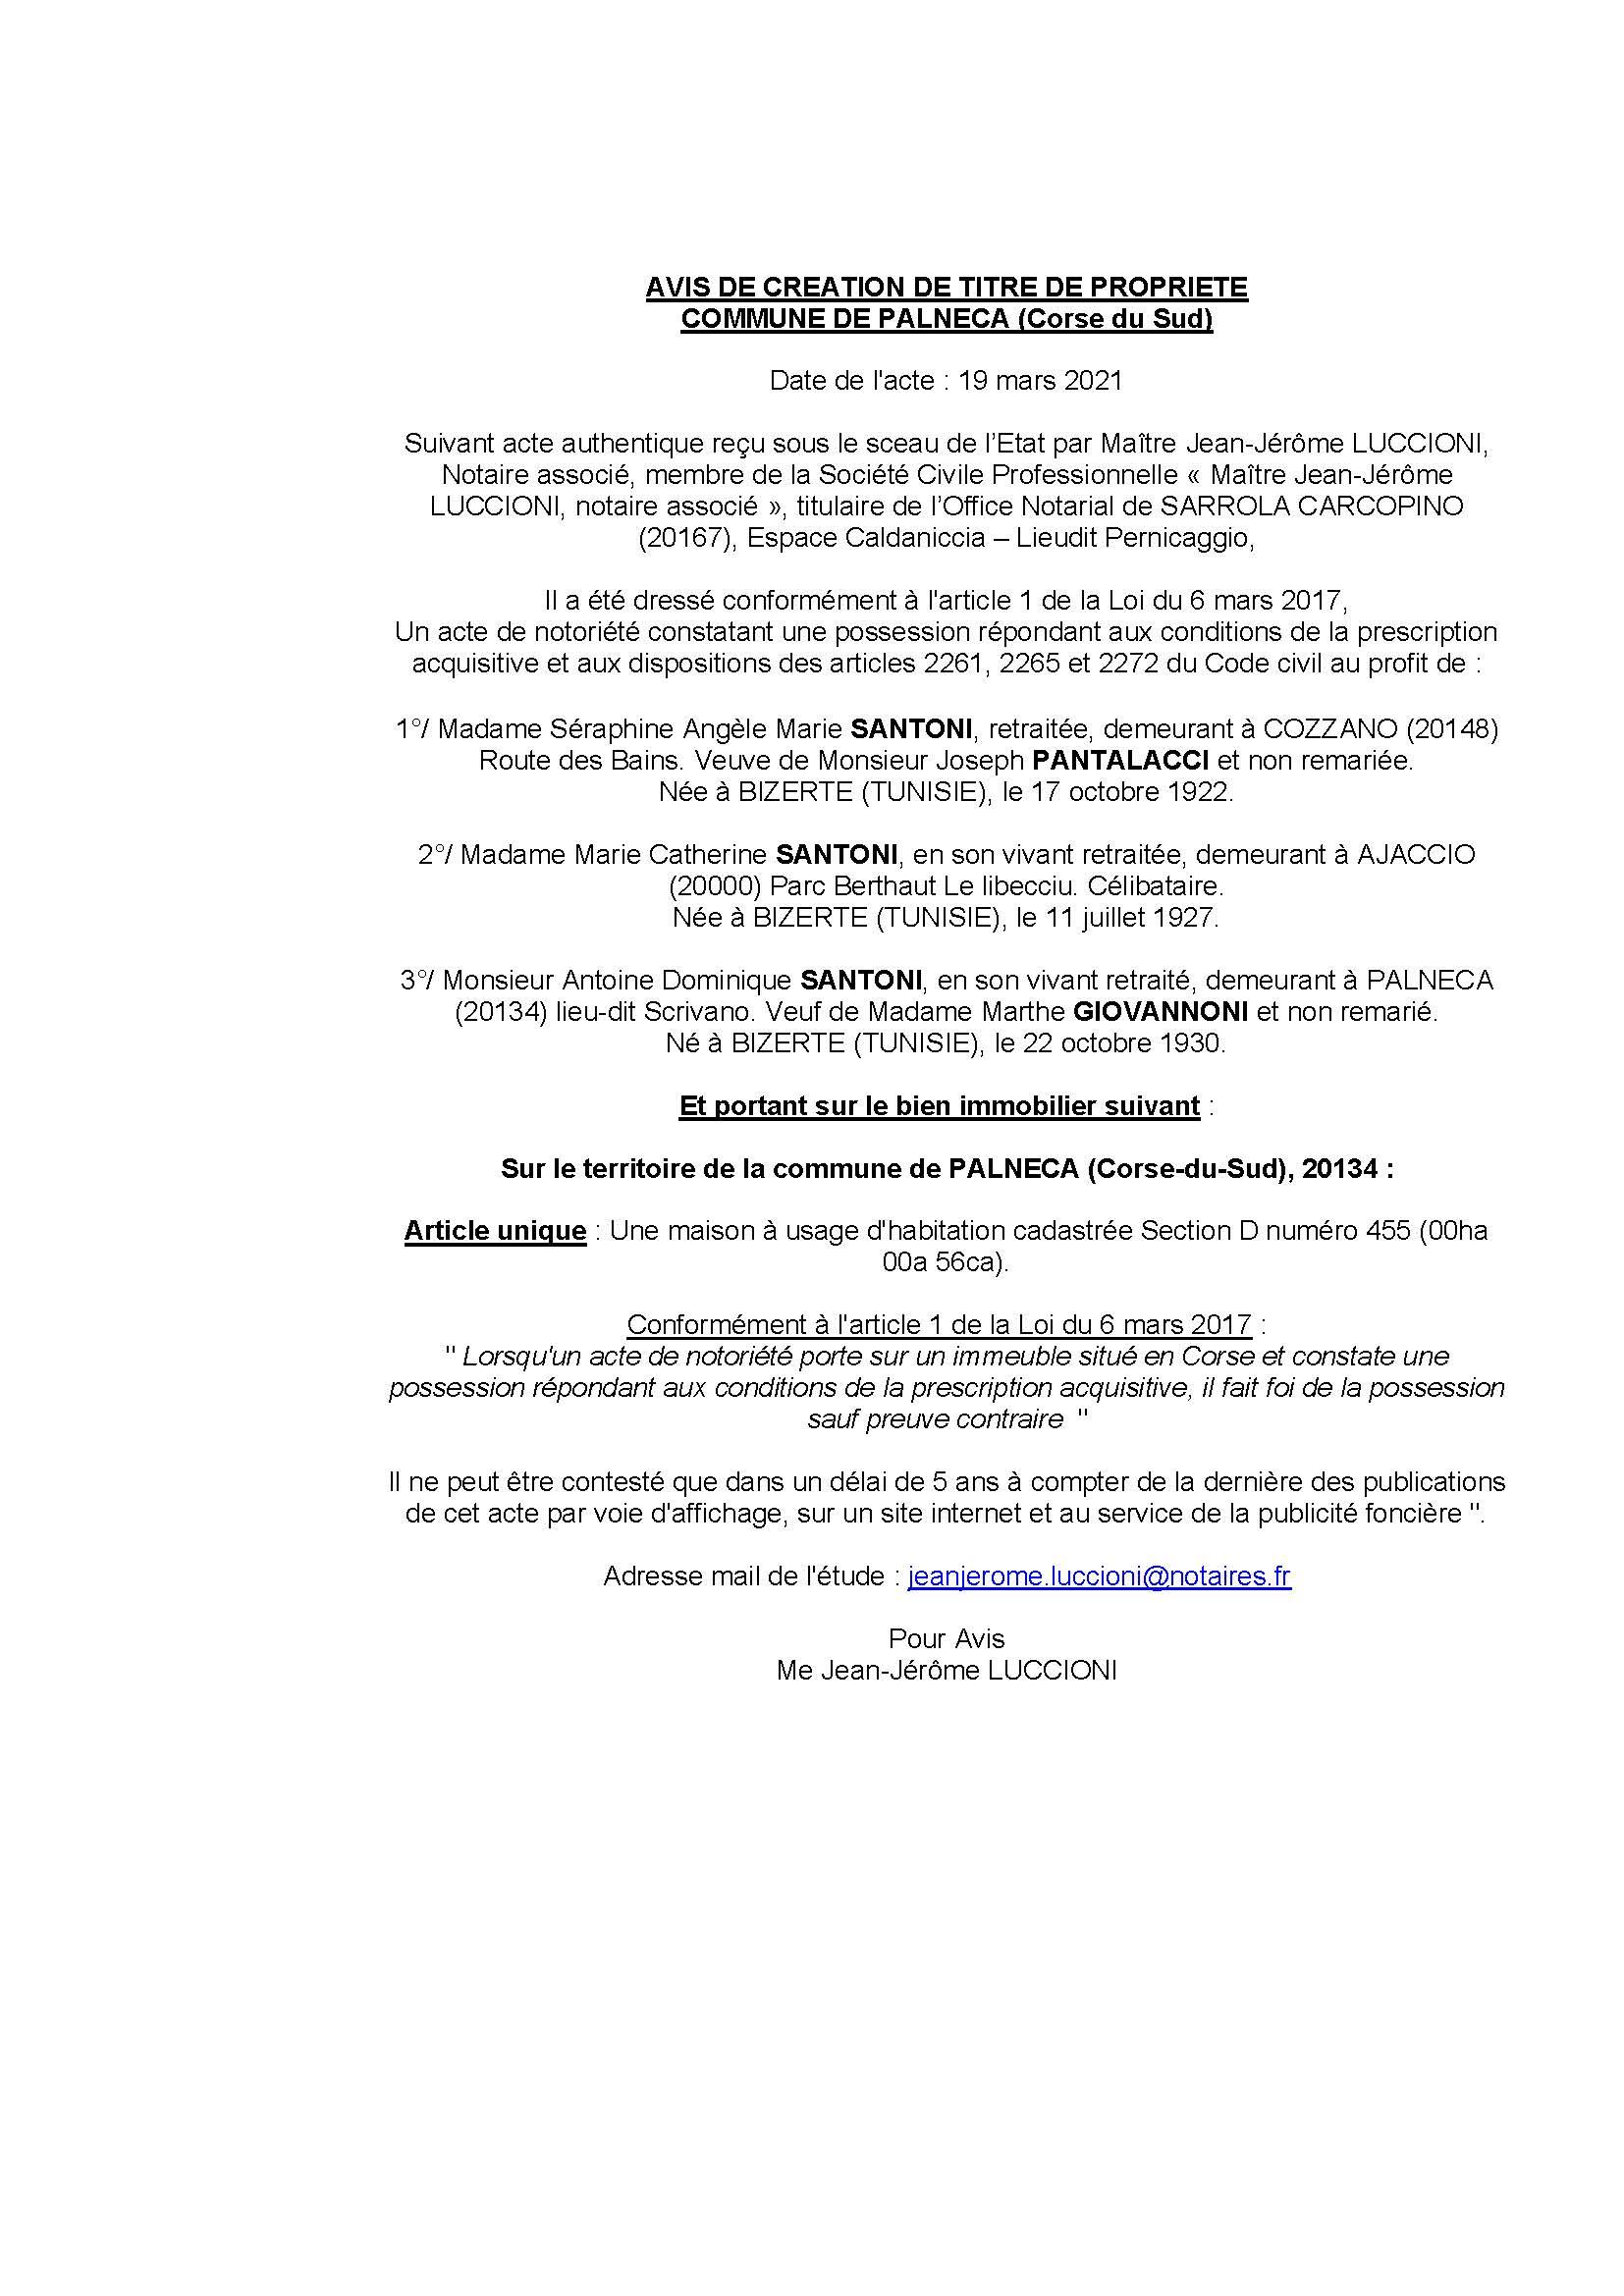 Avis de création de titre de propriété - Commune de Palneca ( Corse-du-sud)